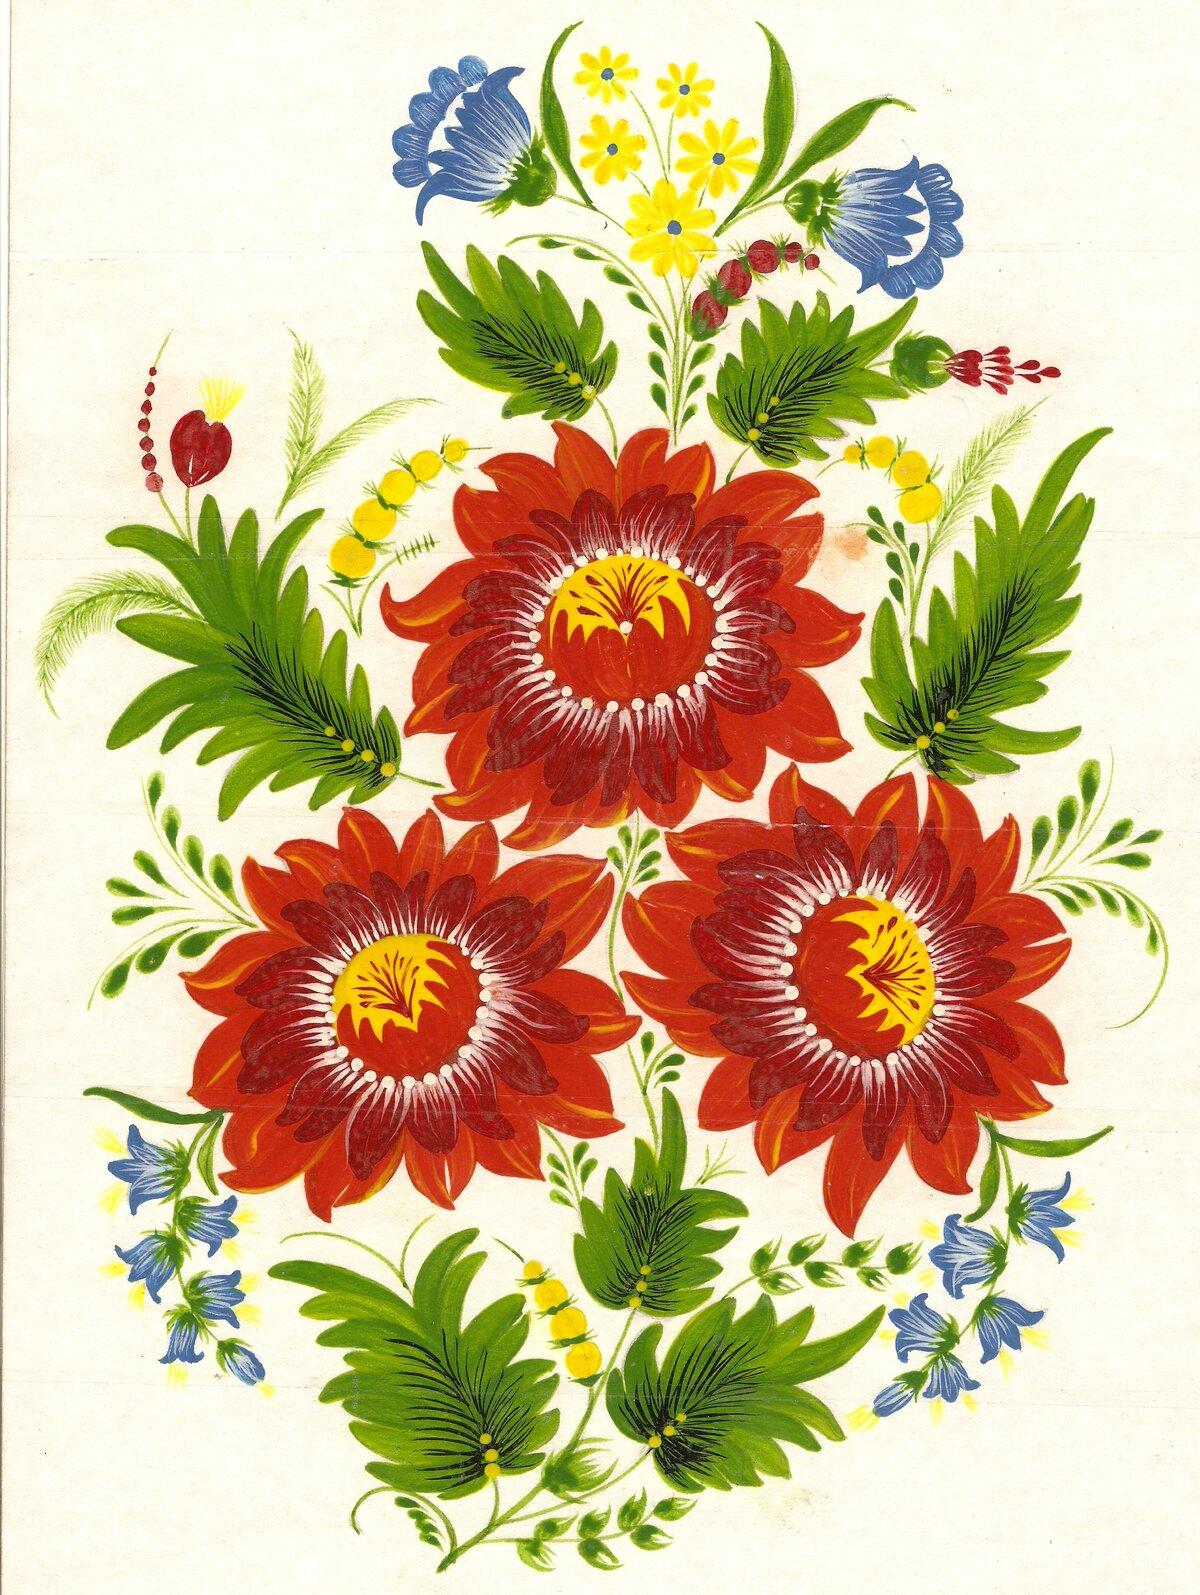 выращивают, картинки декоративных цветов детям хотите приобрести